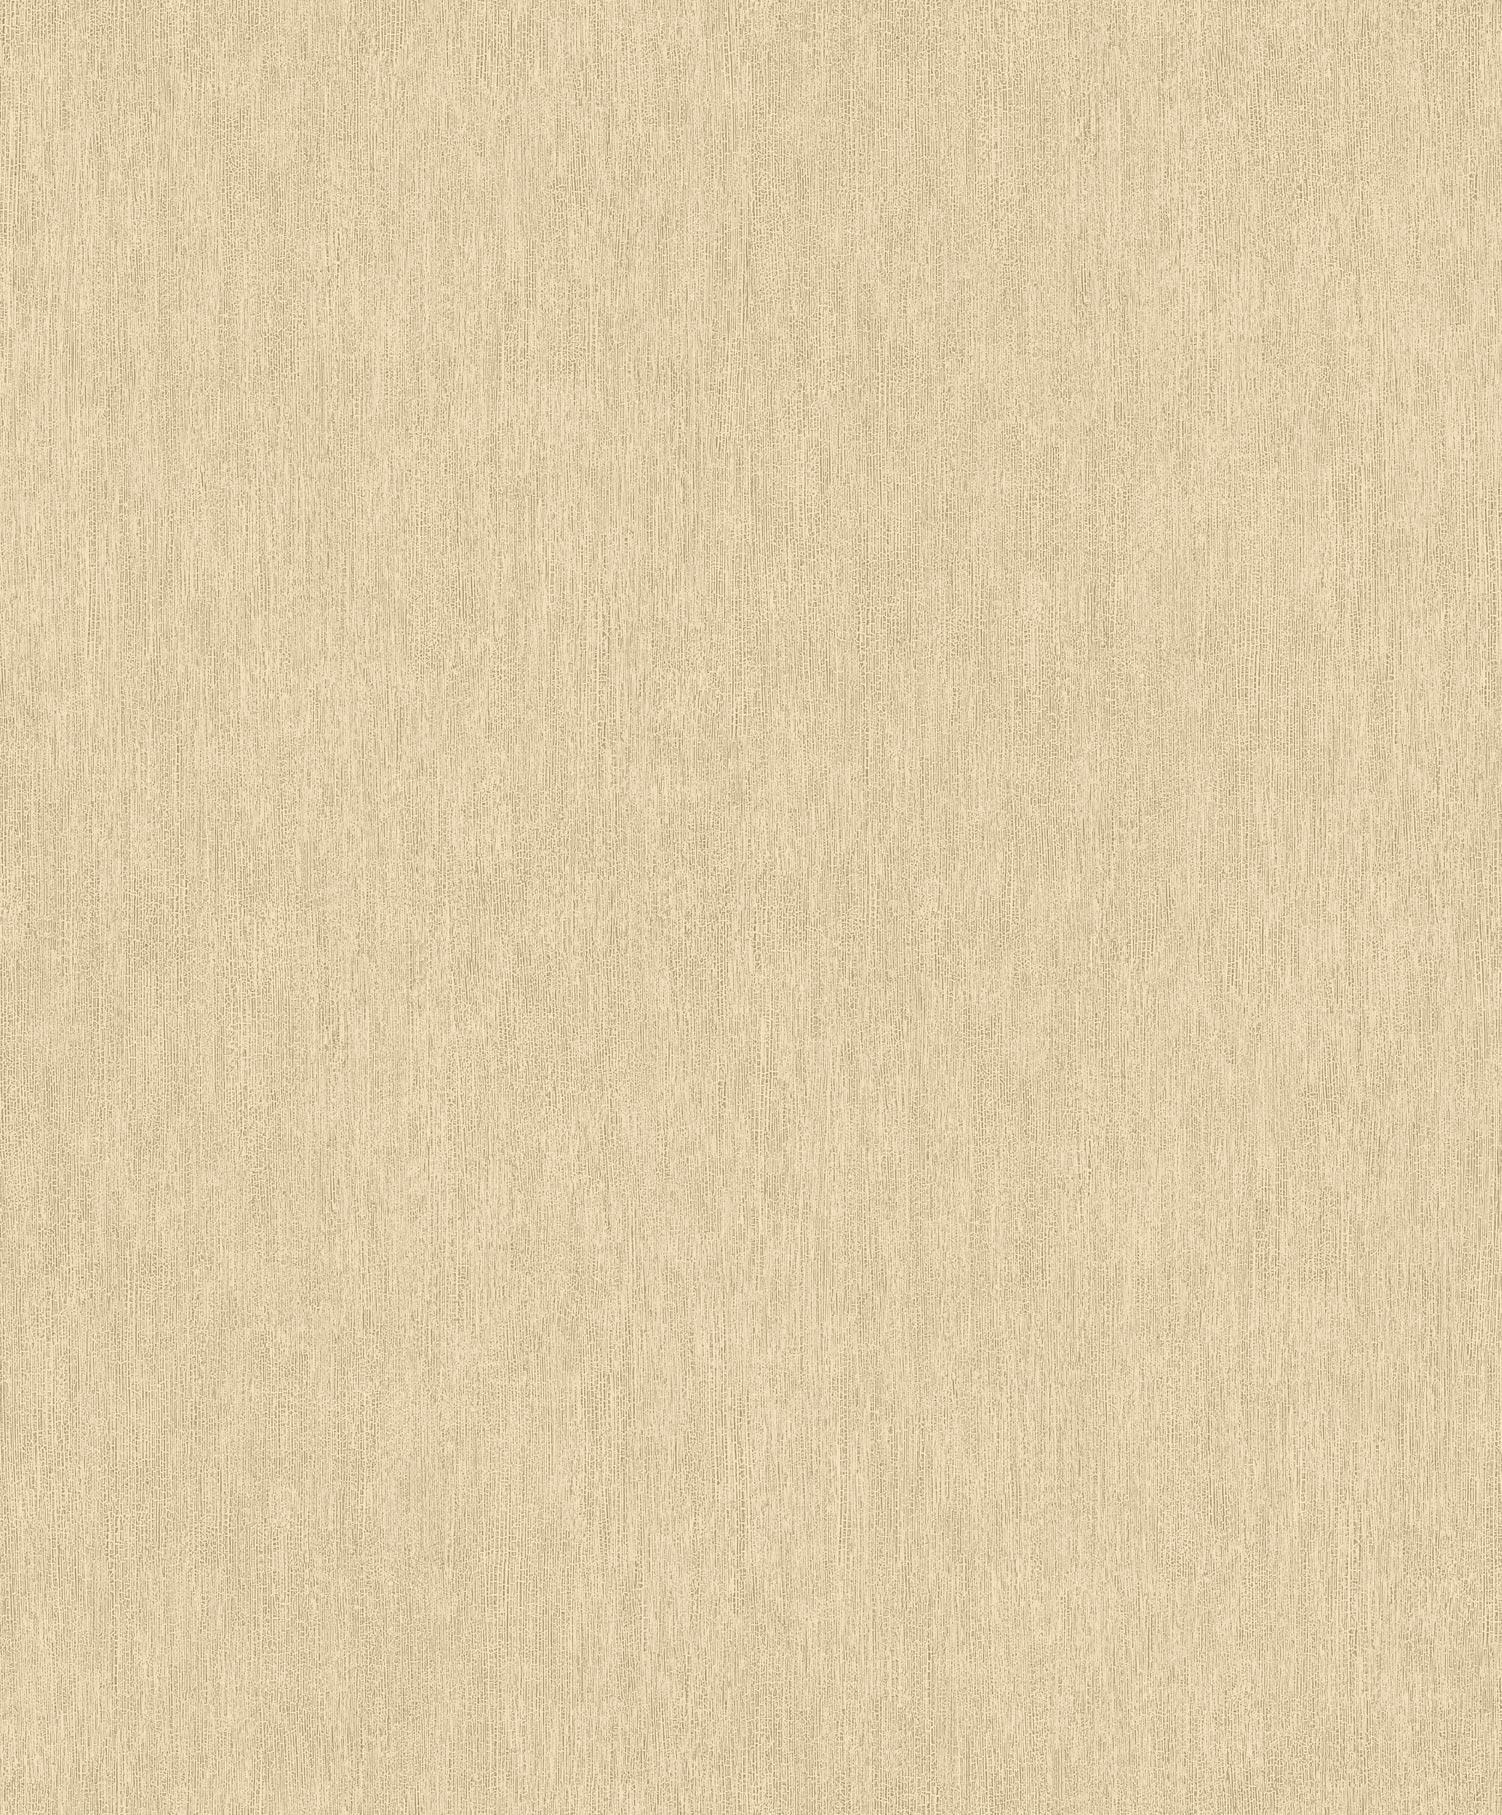 Обои Ugepa Couleurs j75107 (Угепа)